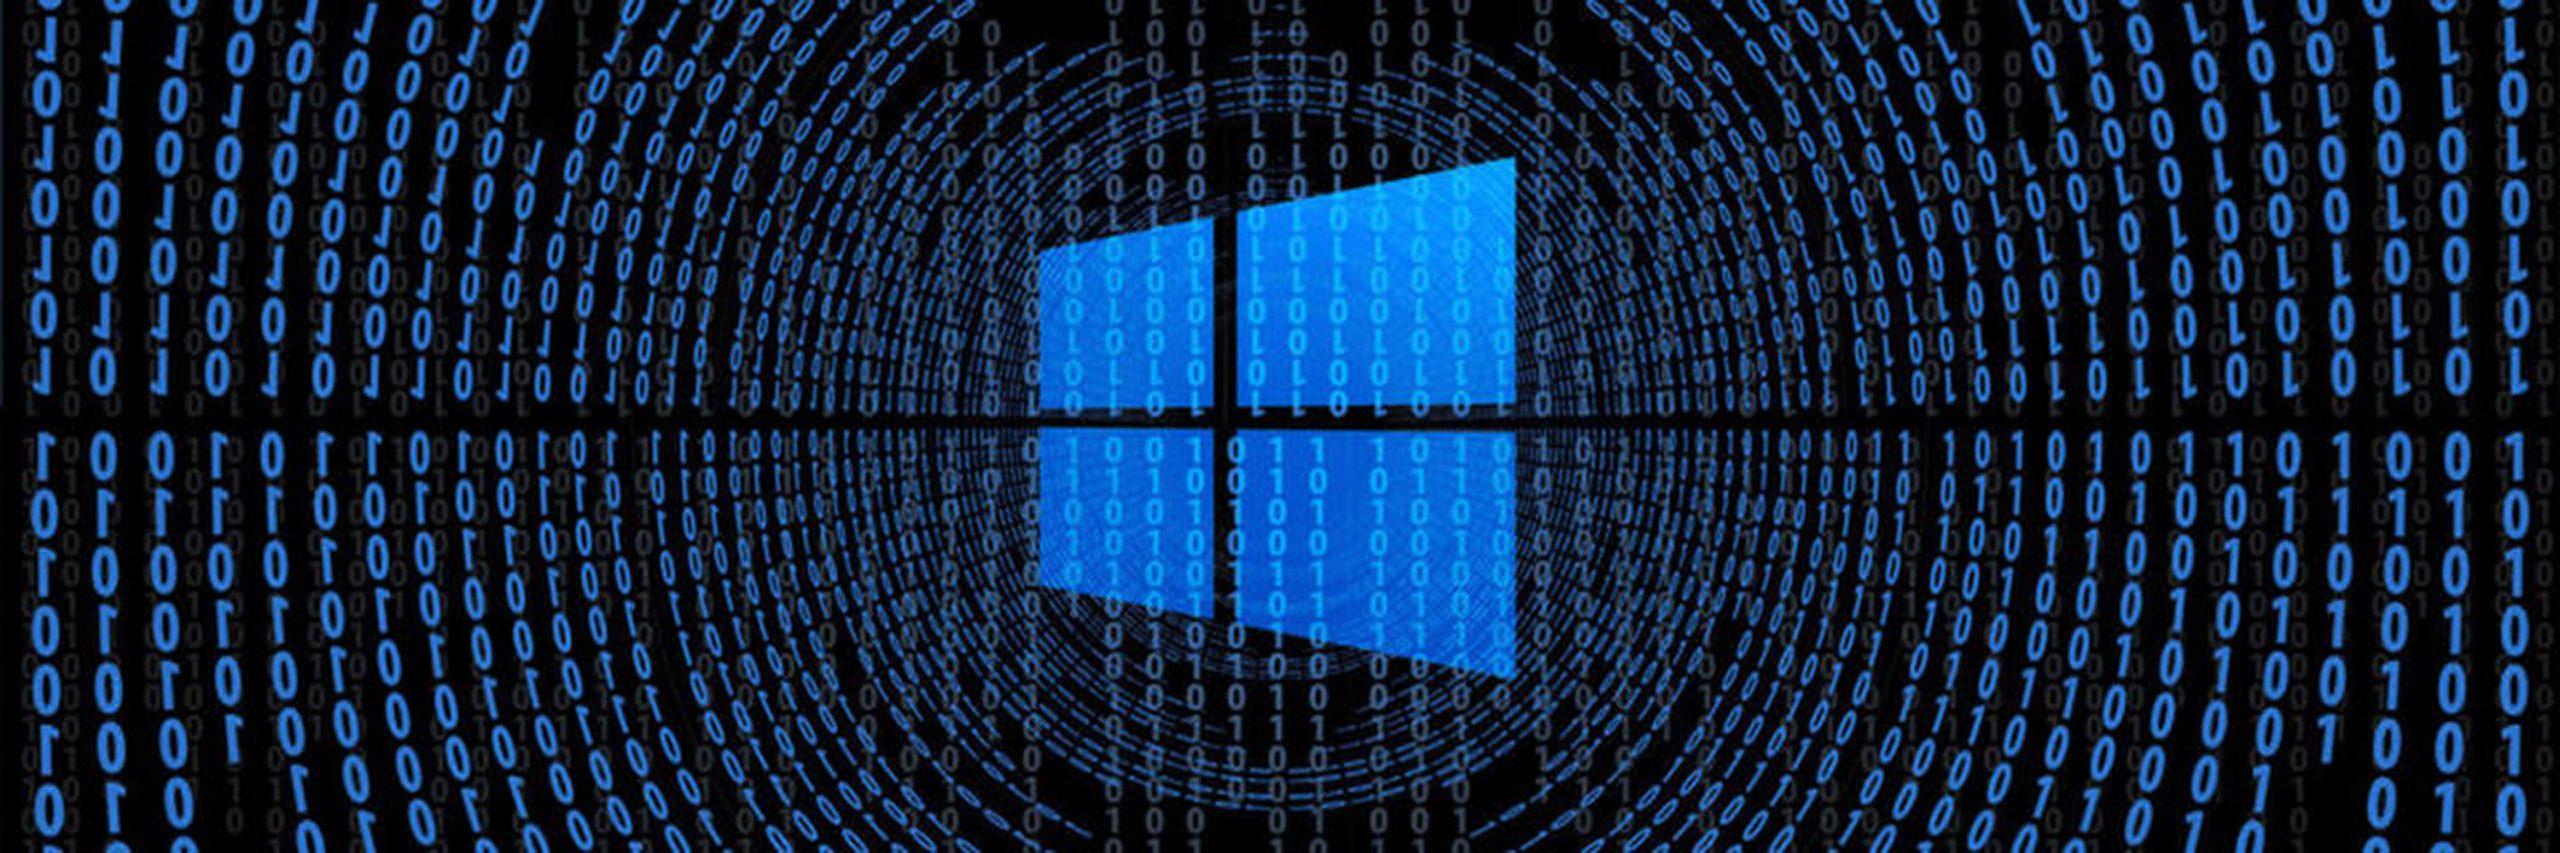 В 2020 году возросло число атак вымогательского ПО на Windows-ПК